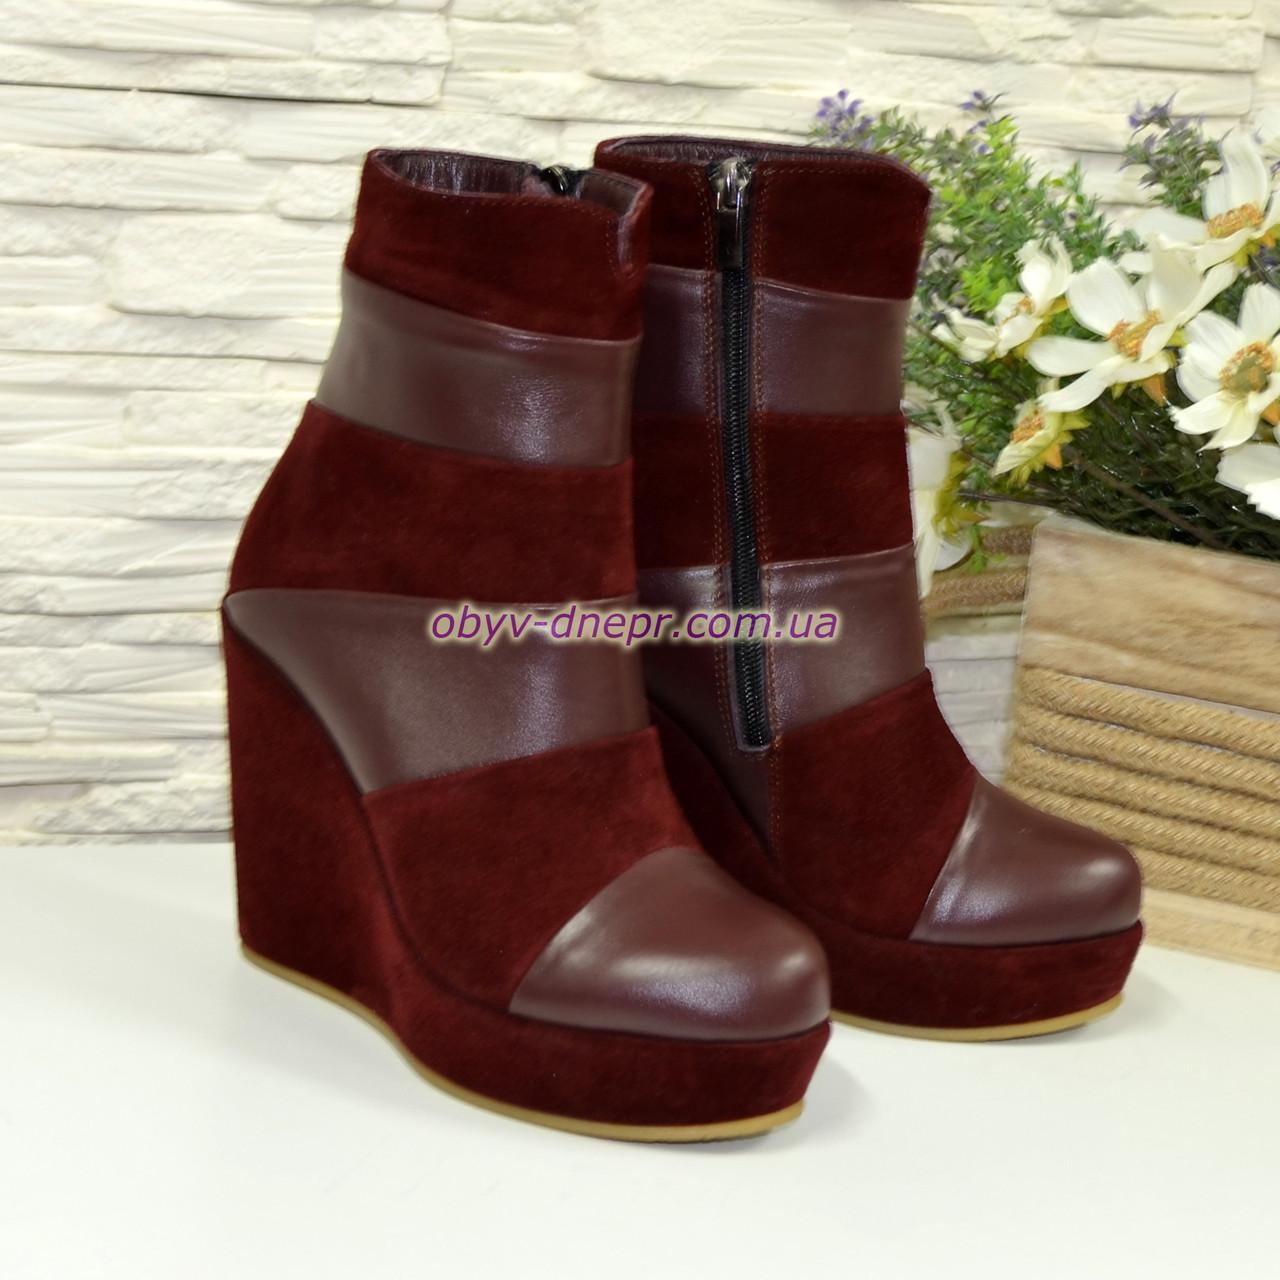 38ba35290 Ботинки демисезонные комбинированные на высокой платформе, цвет бордо